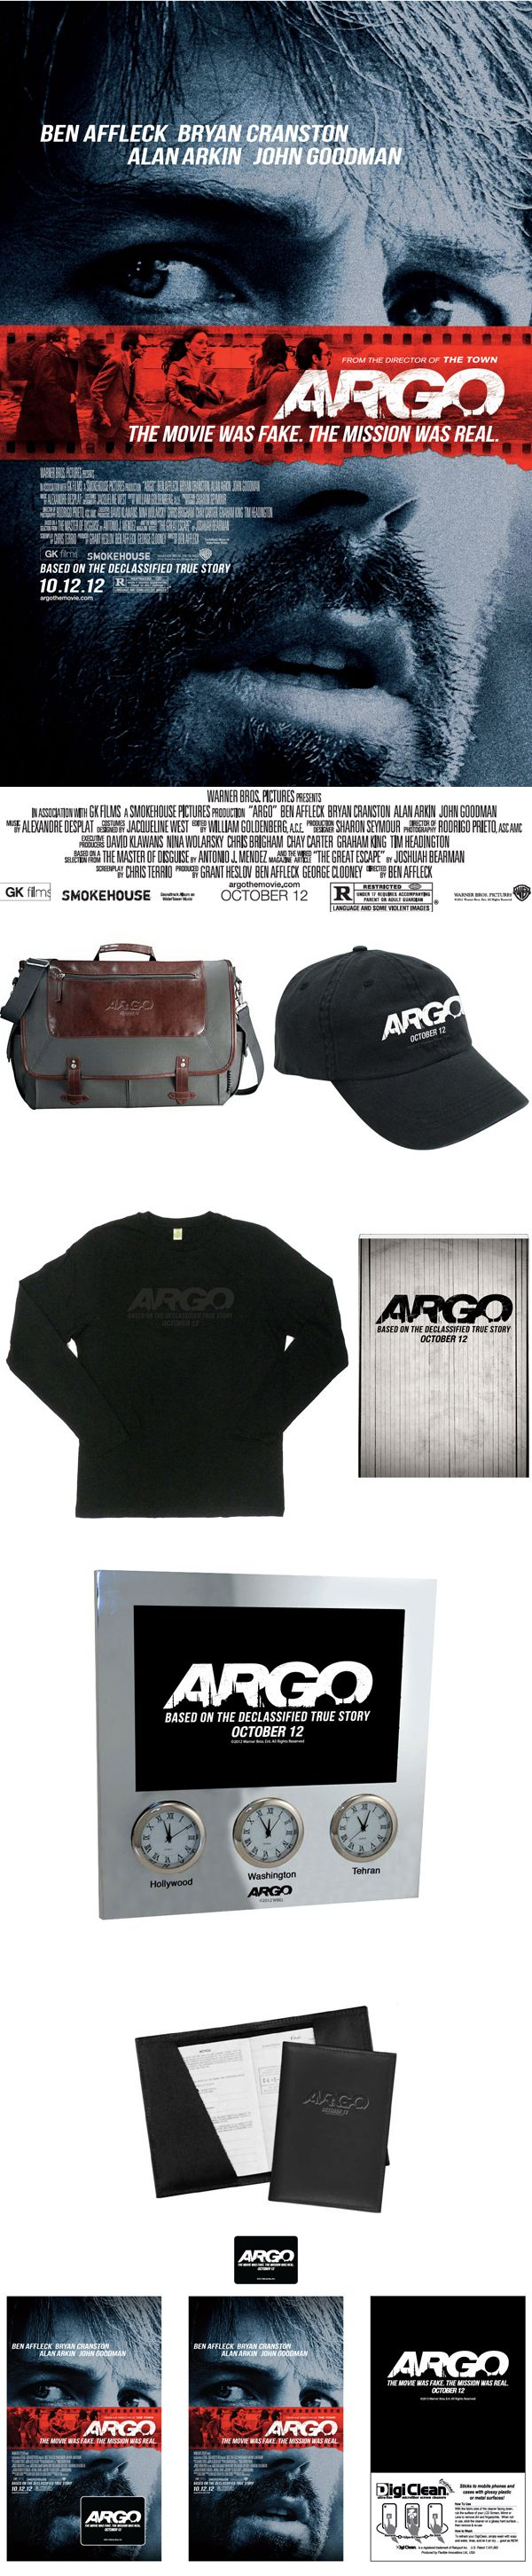 argo-giveaway